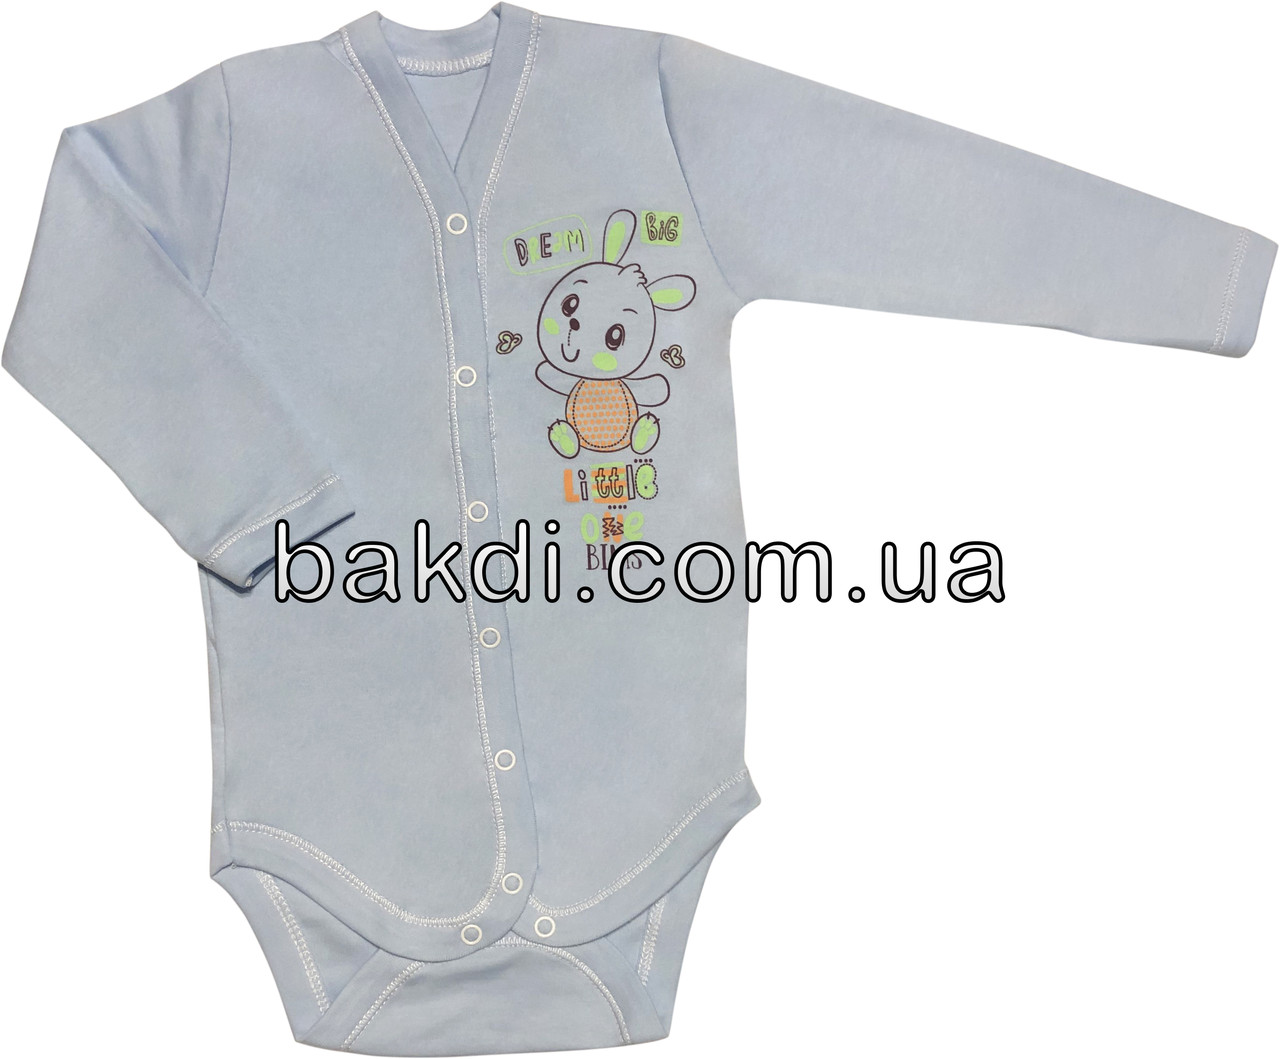 Дитячий боді ріст 80 (9 міс.-1 рік) інтерлок блакитний на хлопчика з довгим рукавом для новонароджених А-334